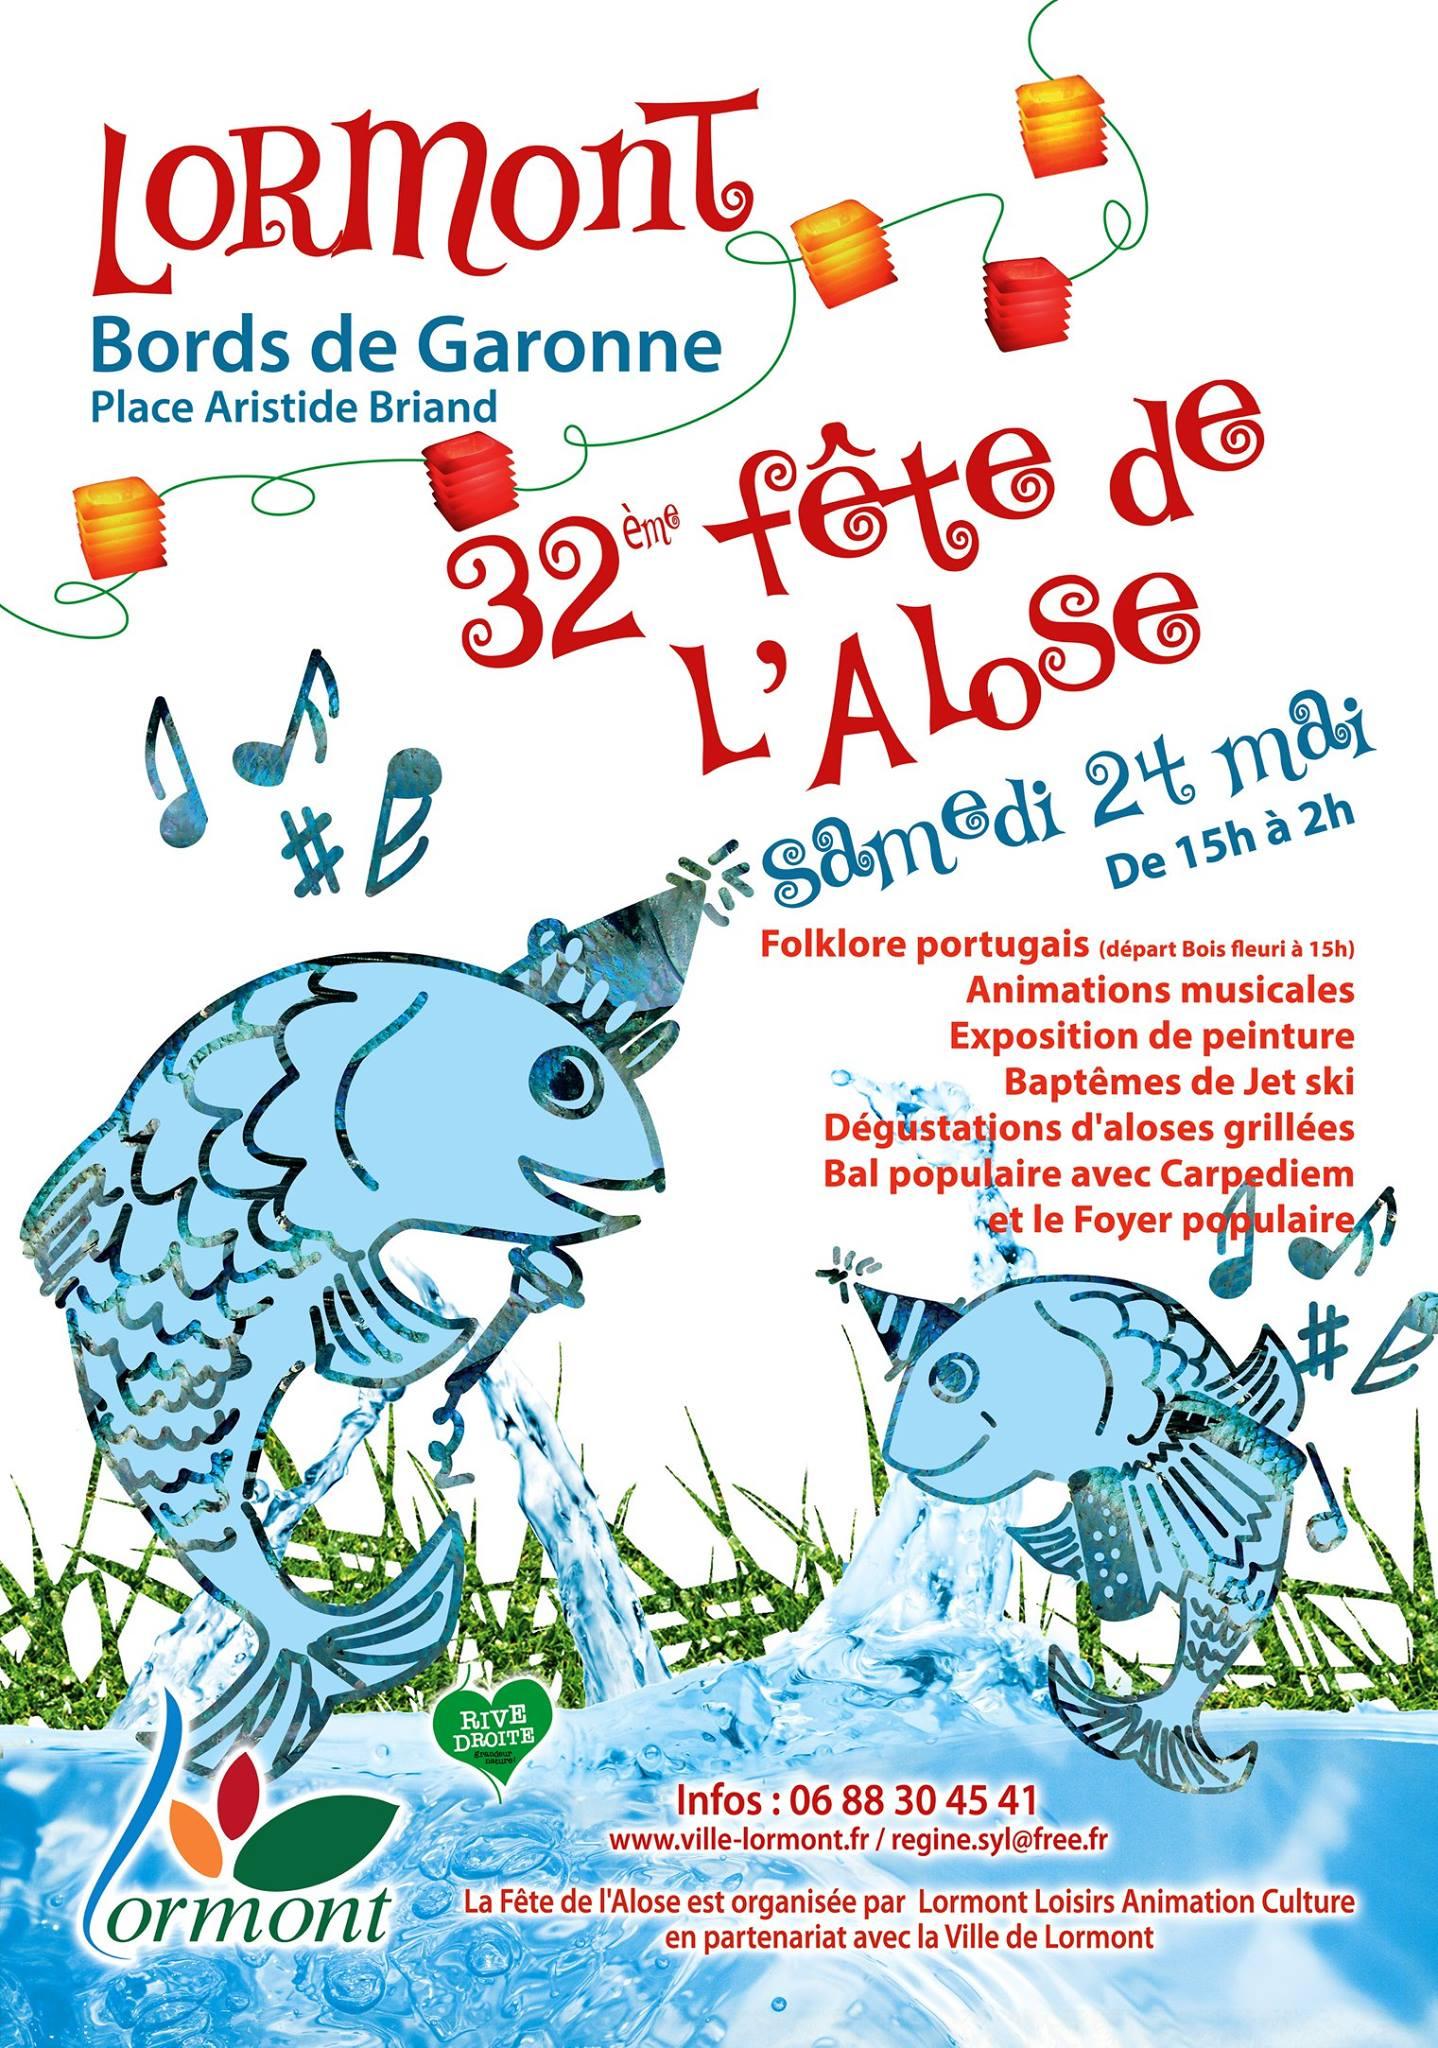 Carpediem-concert-lormont-alose